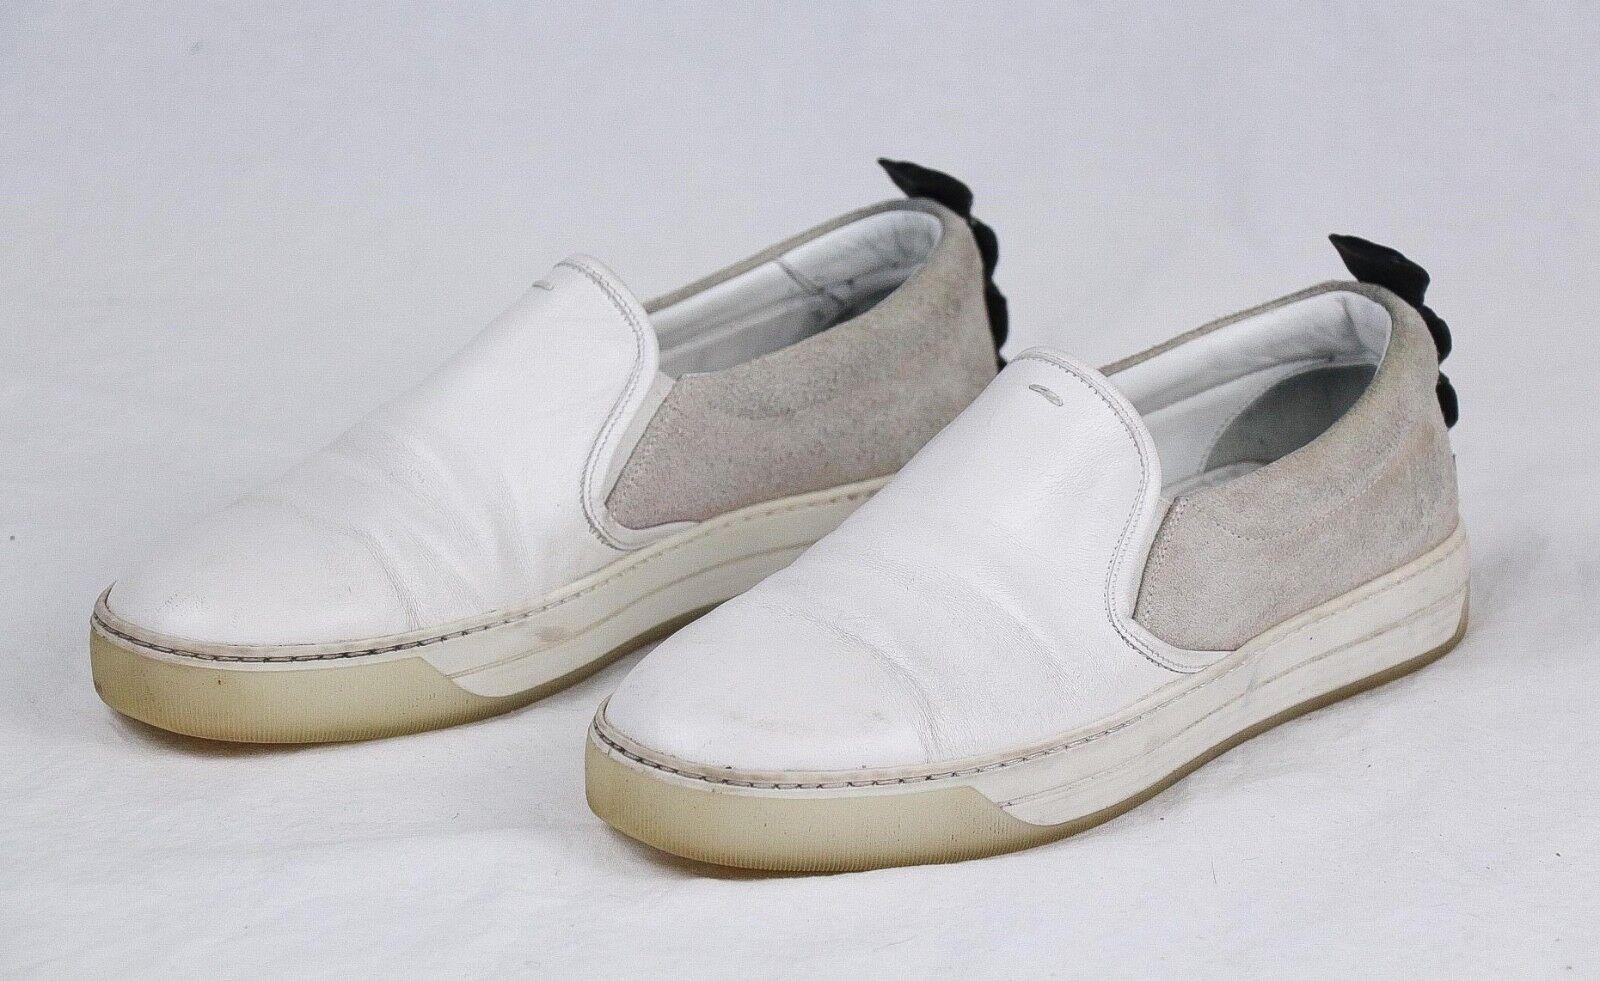 Fendi, zapatos de deporte de piel gris y blancoa, talla 7.650  .